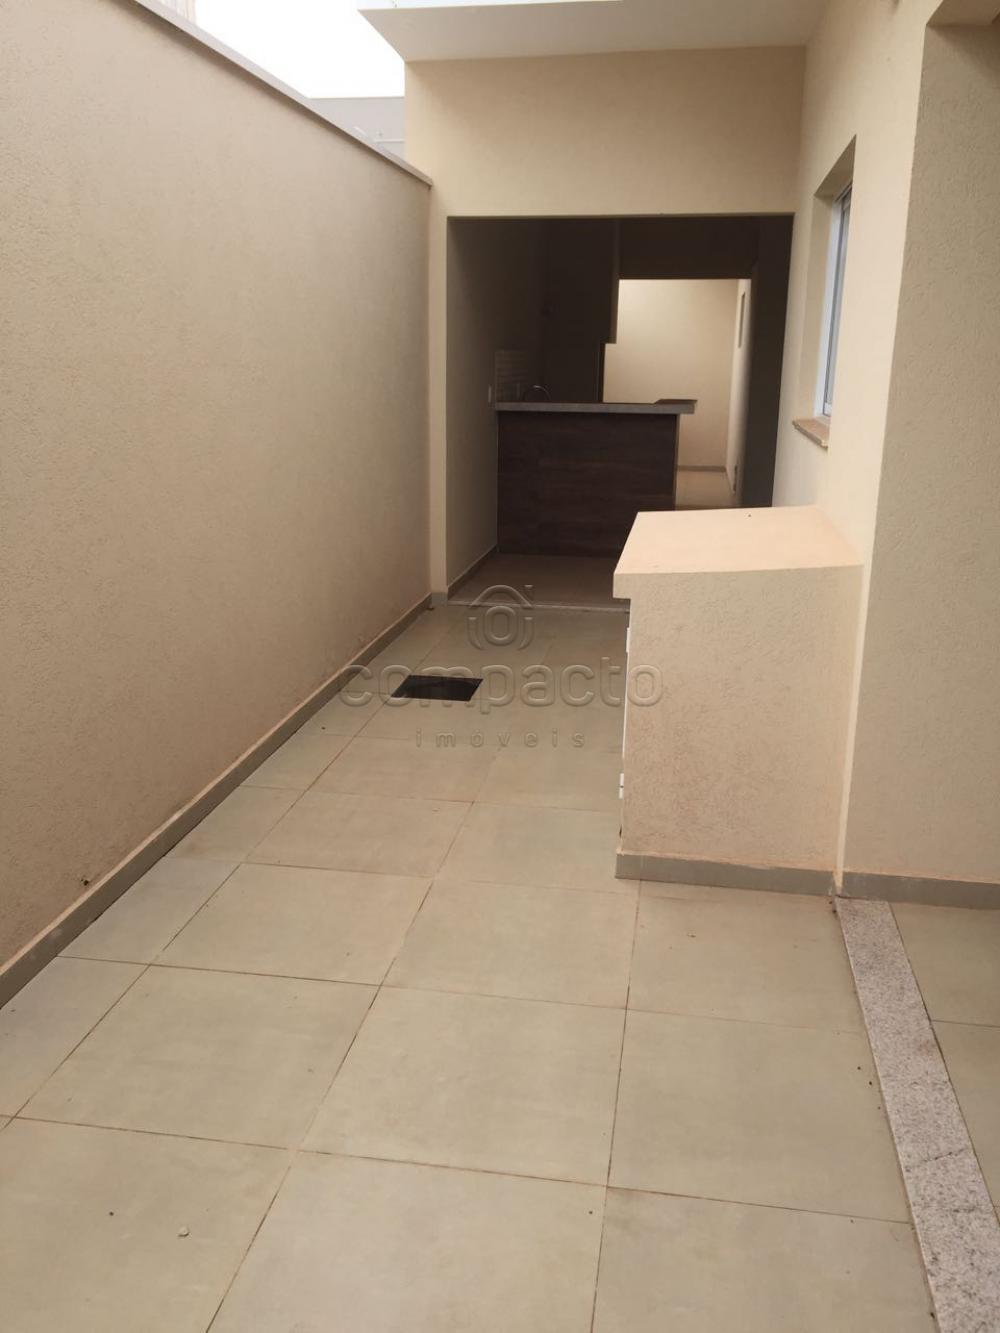 Comprar Casa / Condomínio em Mirassol apenas R$ 570.000,00 - Foto 13